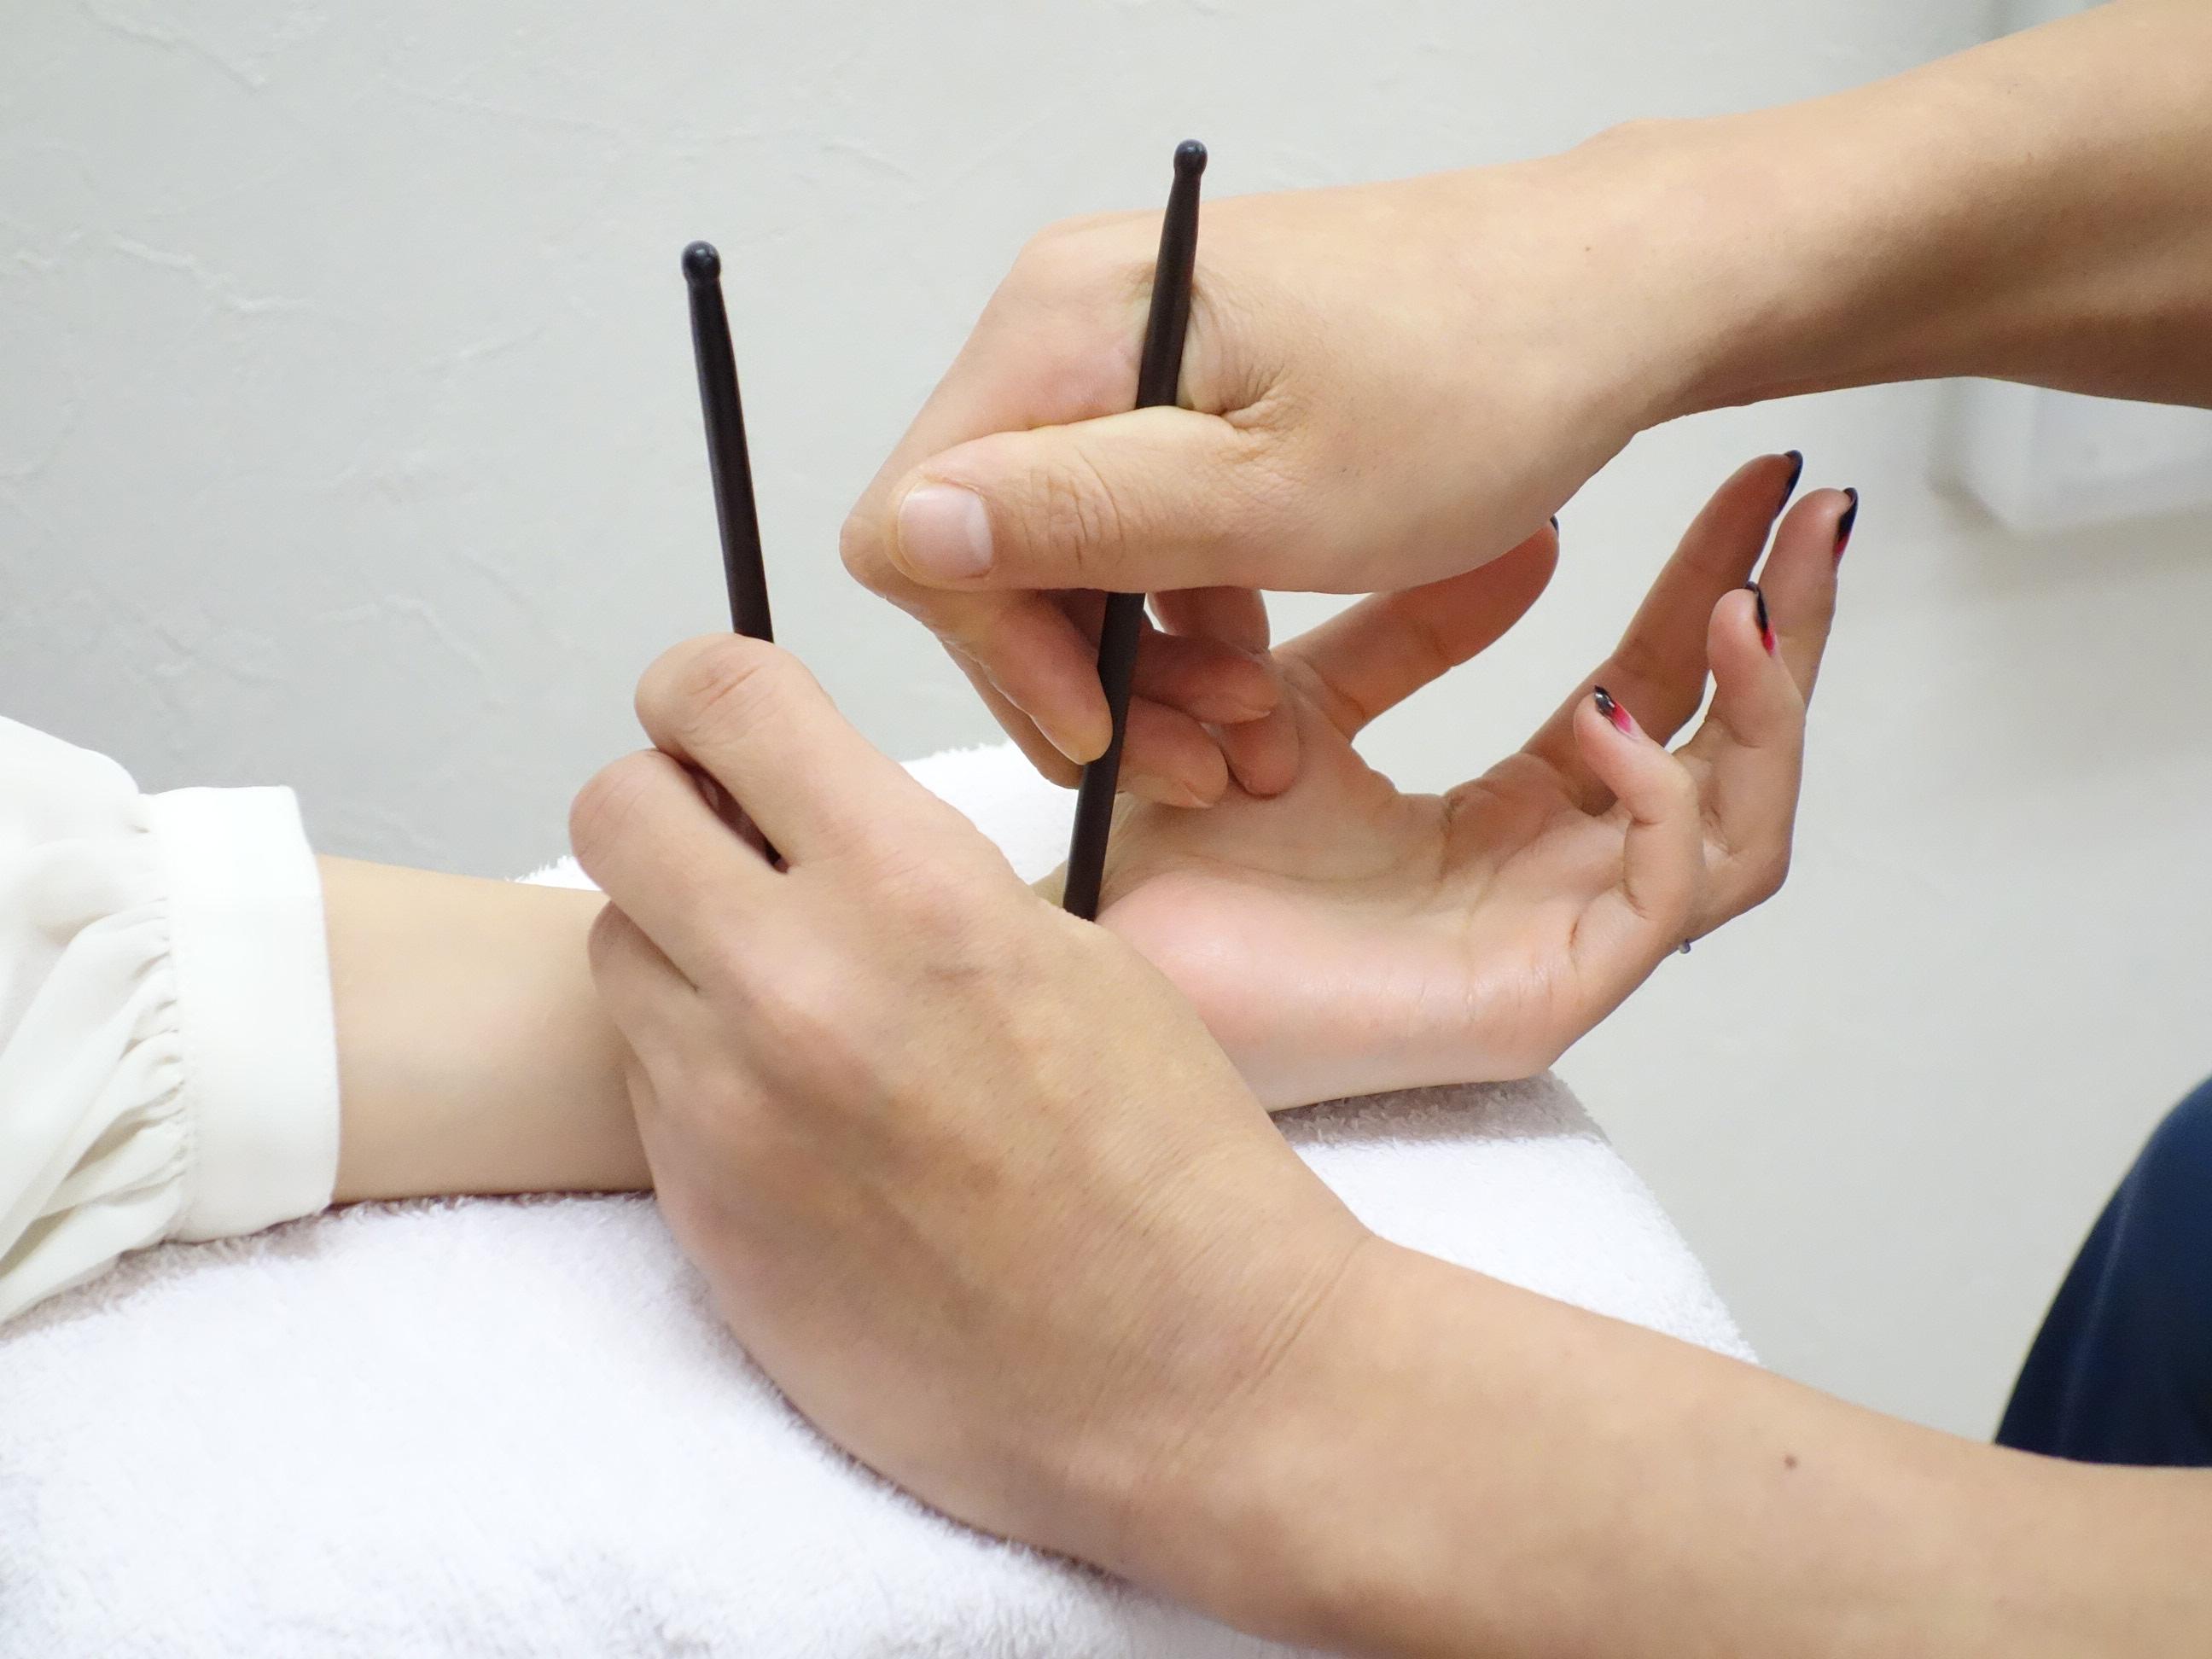 ぎっくり腰の遠絡(えんらく)療法で治療している女性の写真